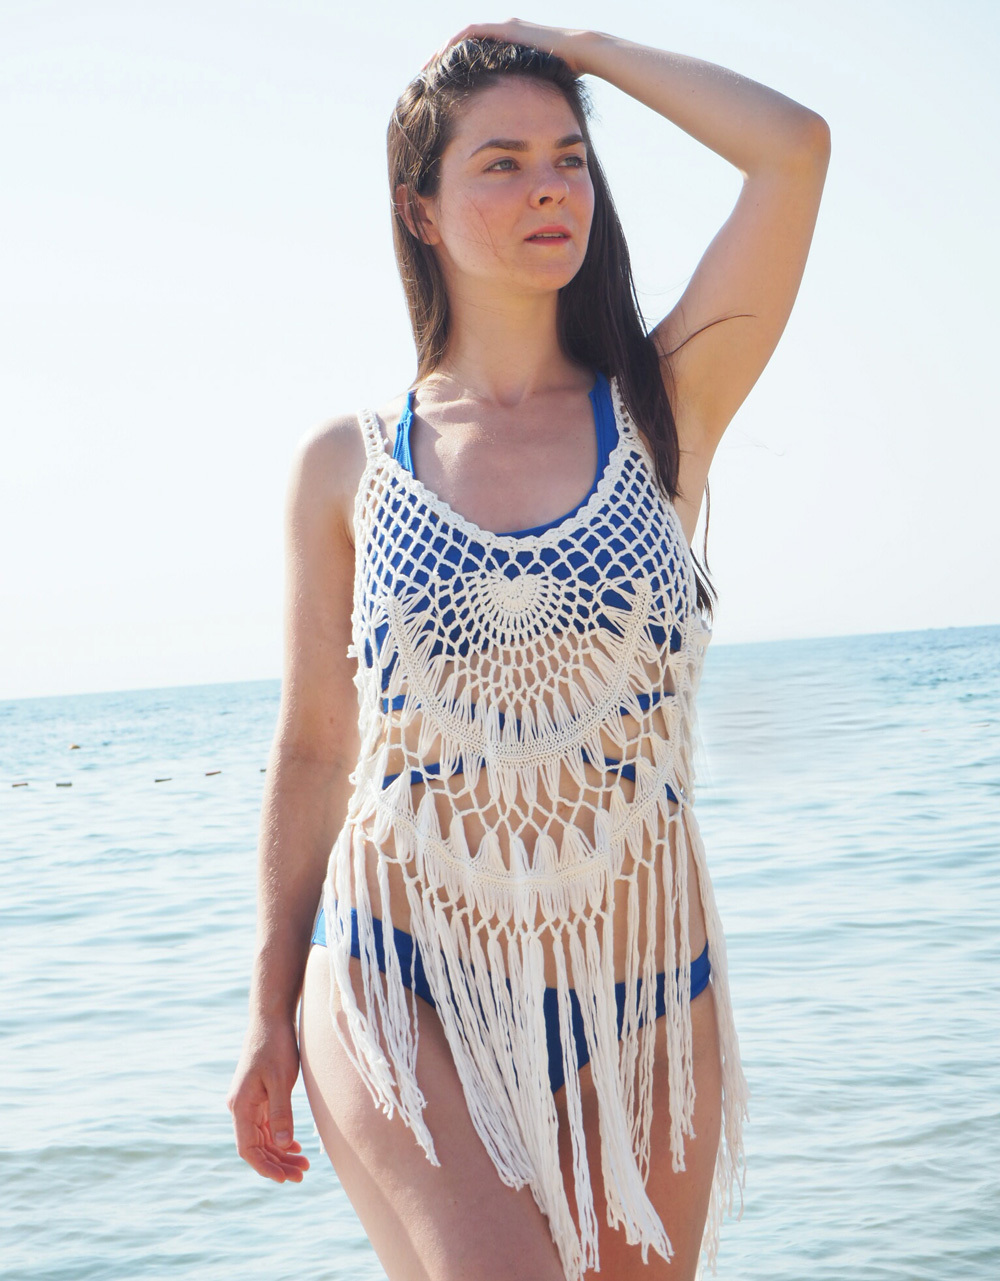 2018 S-xxl Women Hollow Out Fringe Beach Cover Up Crochet Tassel Cover-ups Women Swimwear Female Dress Beach Wear Beachwear Y363 SH190706